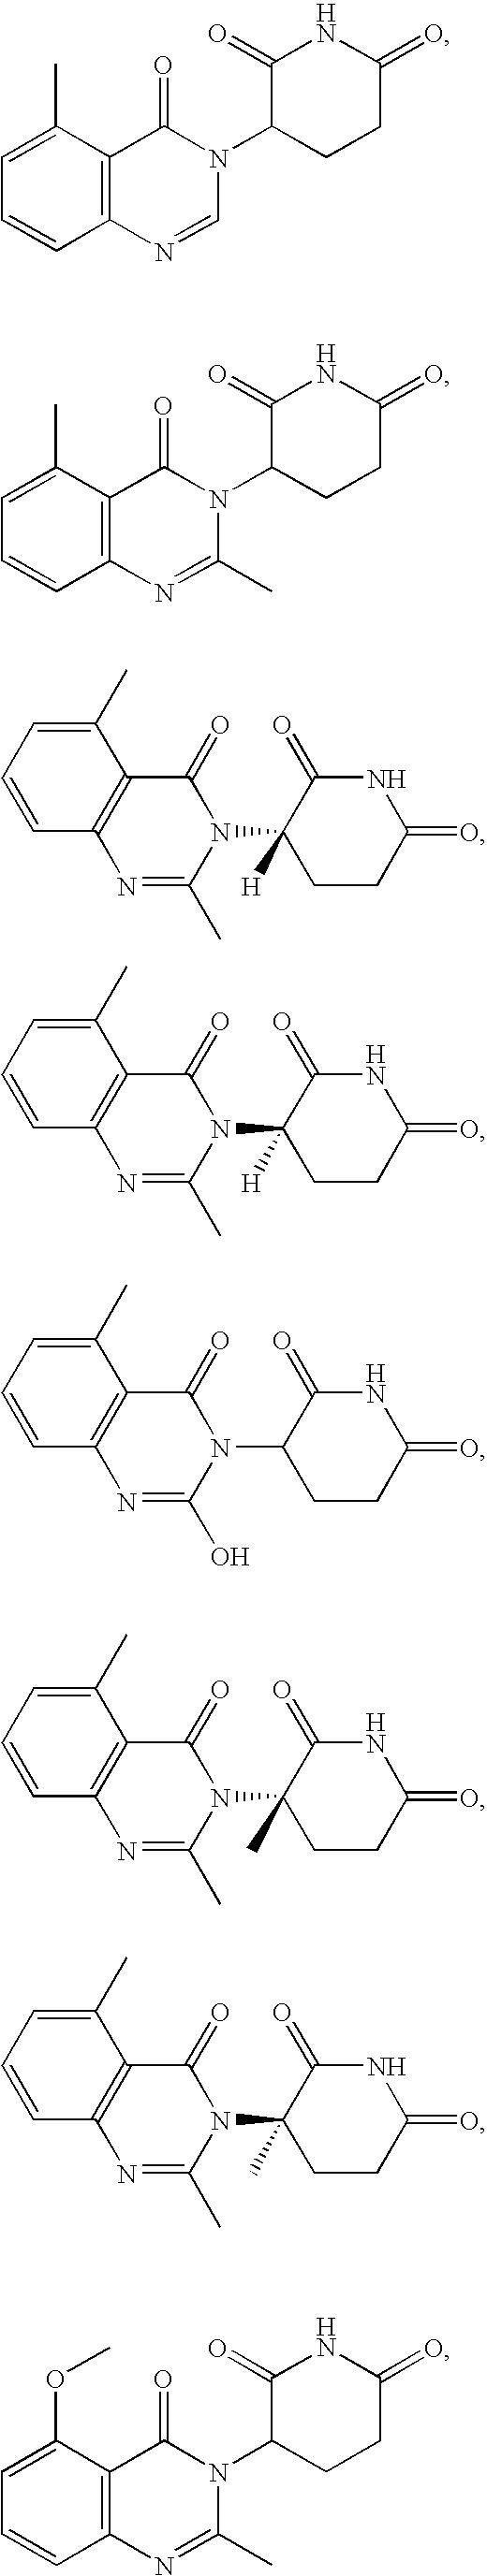 Figure US07635700-20091222-C00074